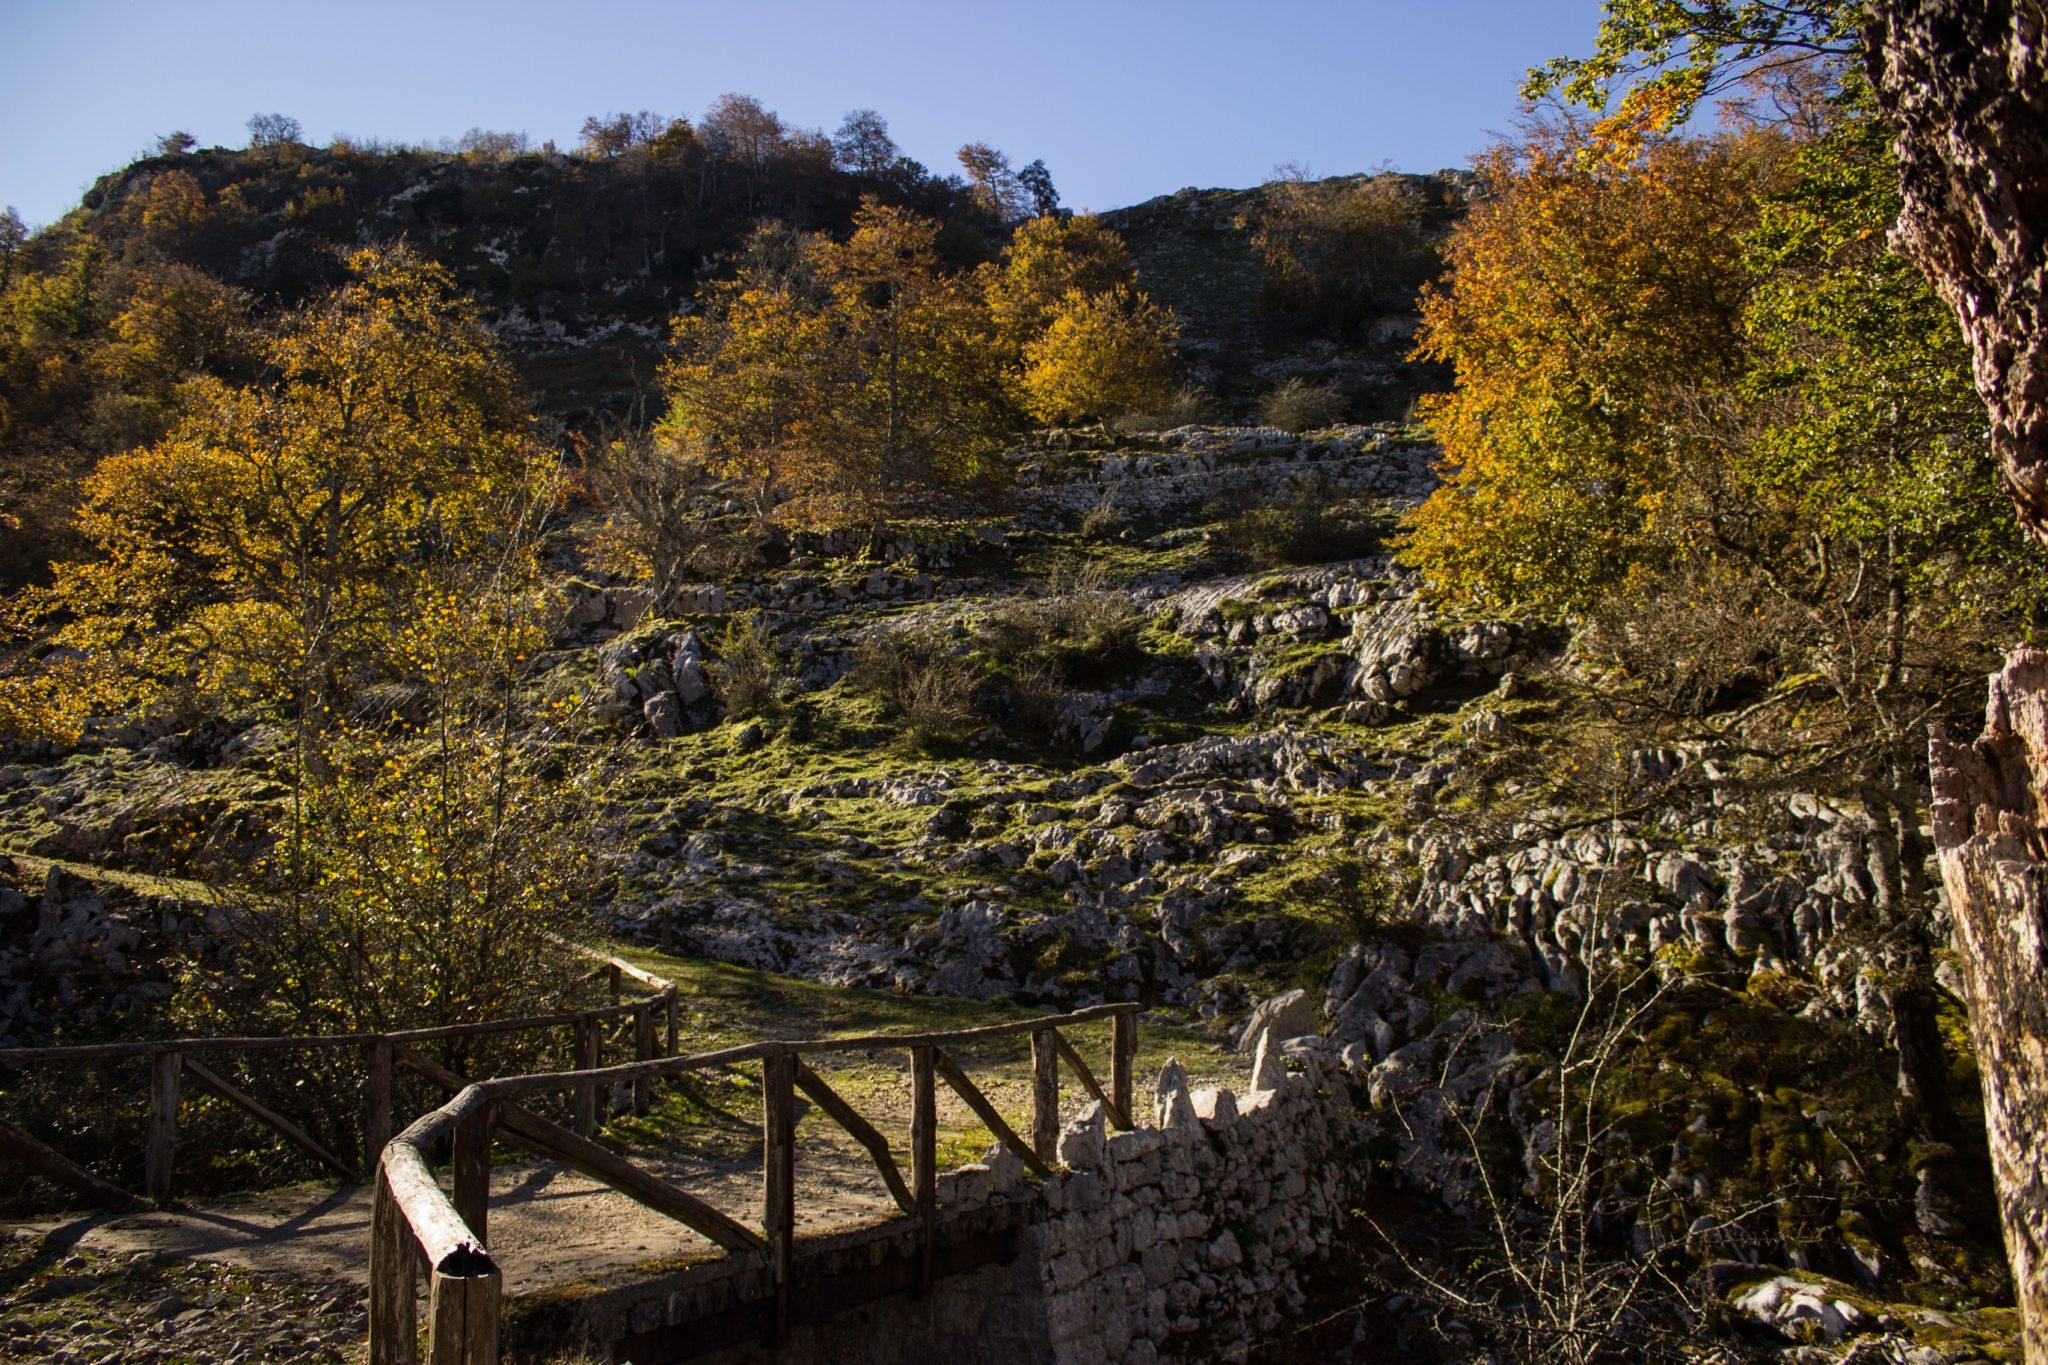 Wanderung Mirador de Ordiales Picos de Europa Spanien,  Herbst, Herbststimmung, Wanderweg, Bäume, Brücke